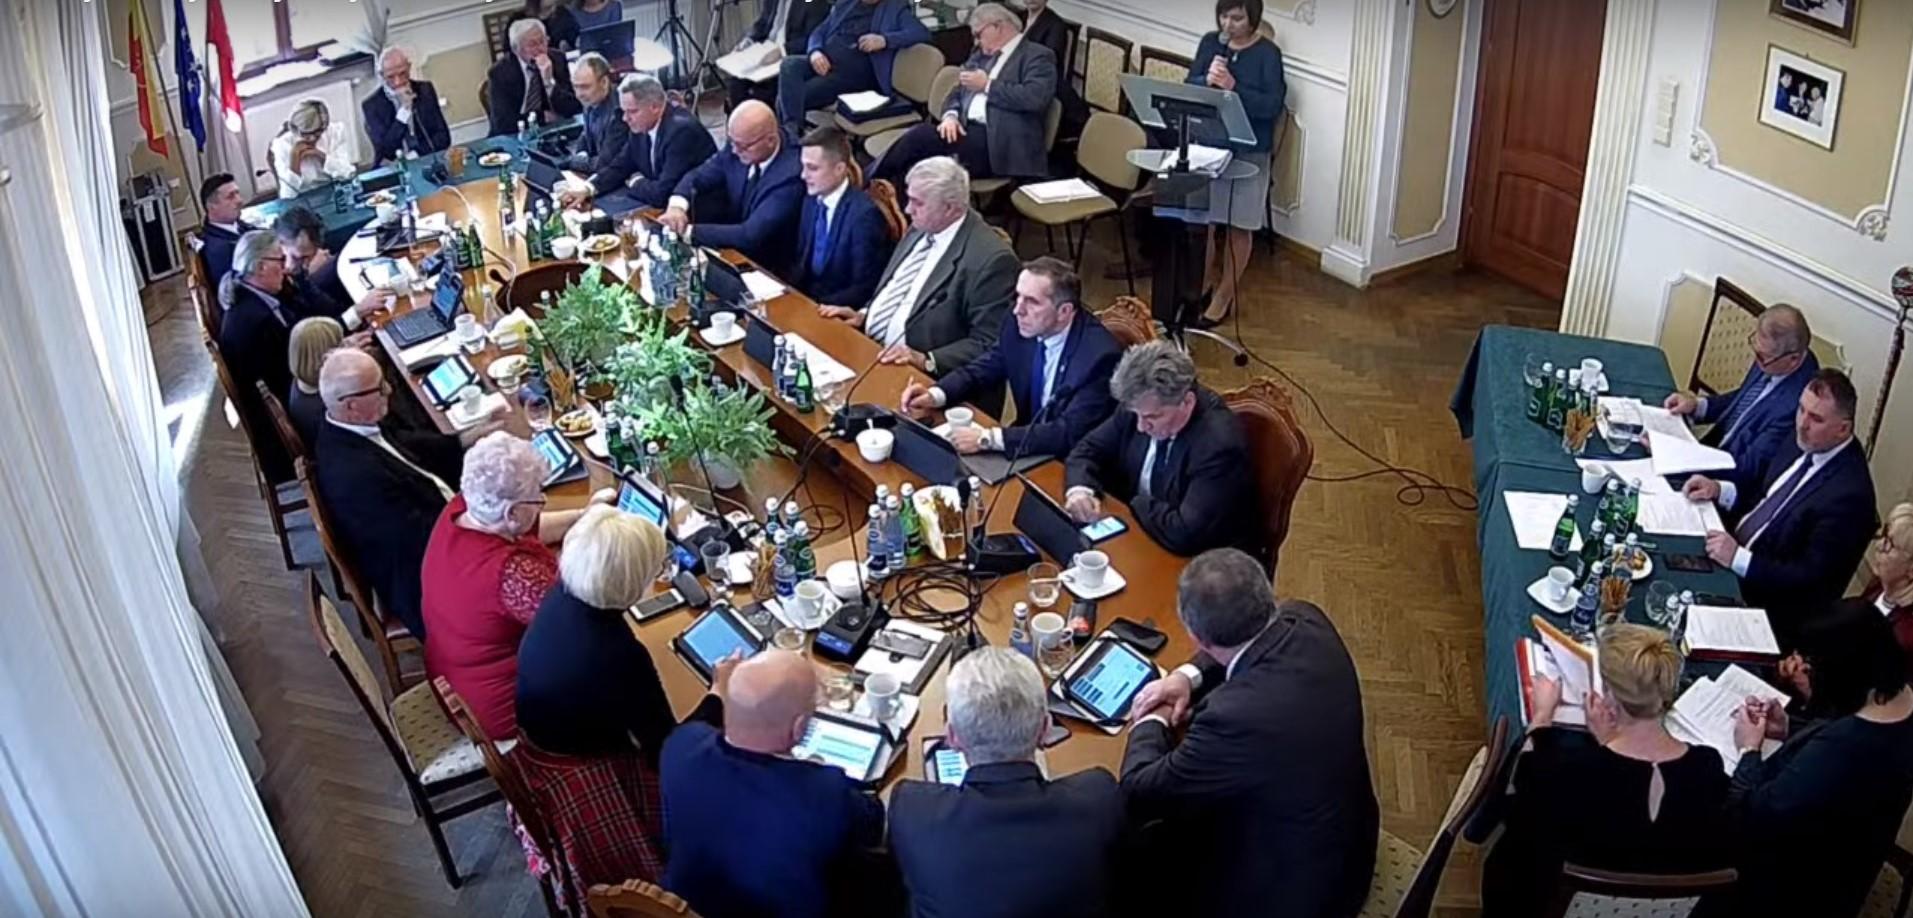 Radni zdecydowali. Opłata za śmieci w Andrychowie podniesiona do 20 zł